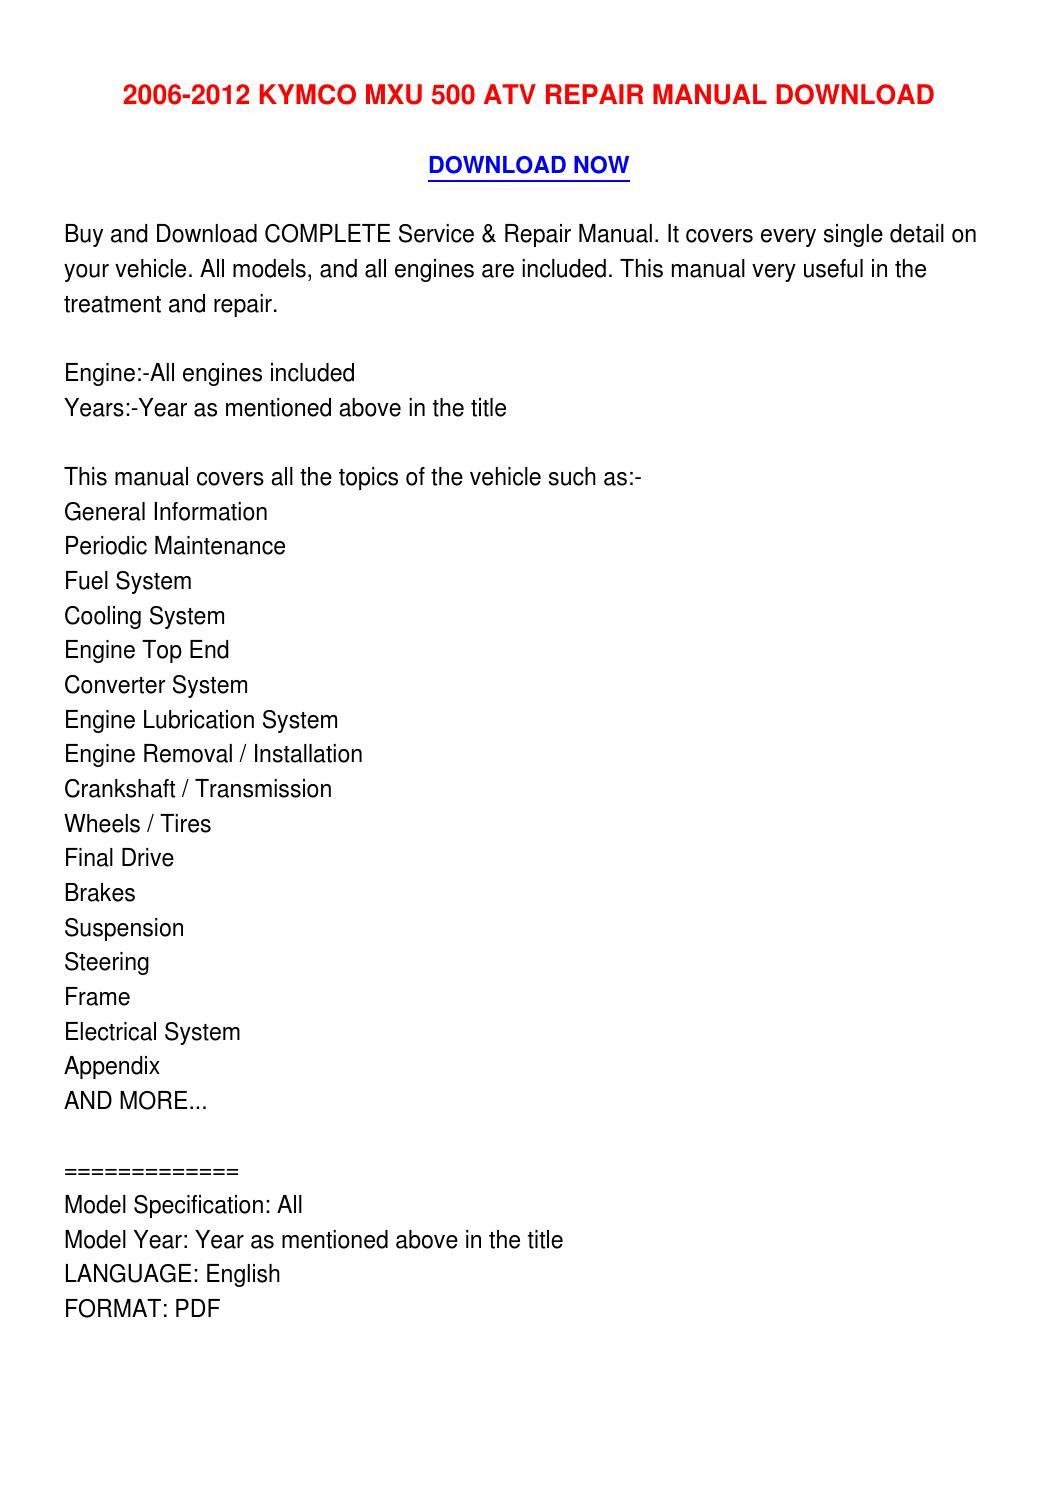 2006 2012 kymco mxu 500 atv repair manual download by countniglotan - issuu